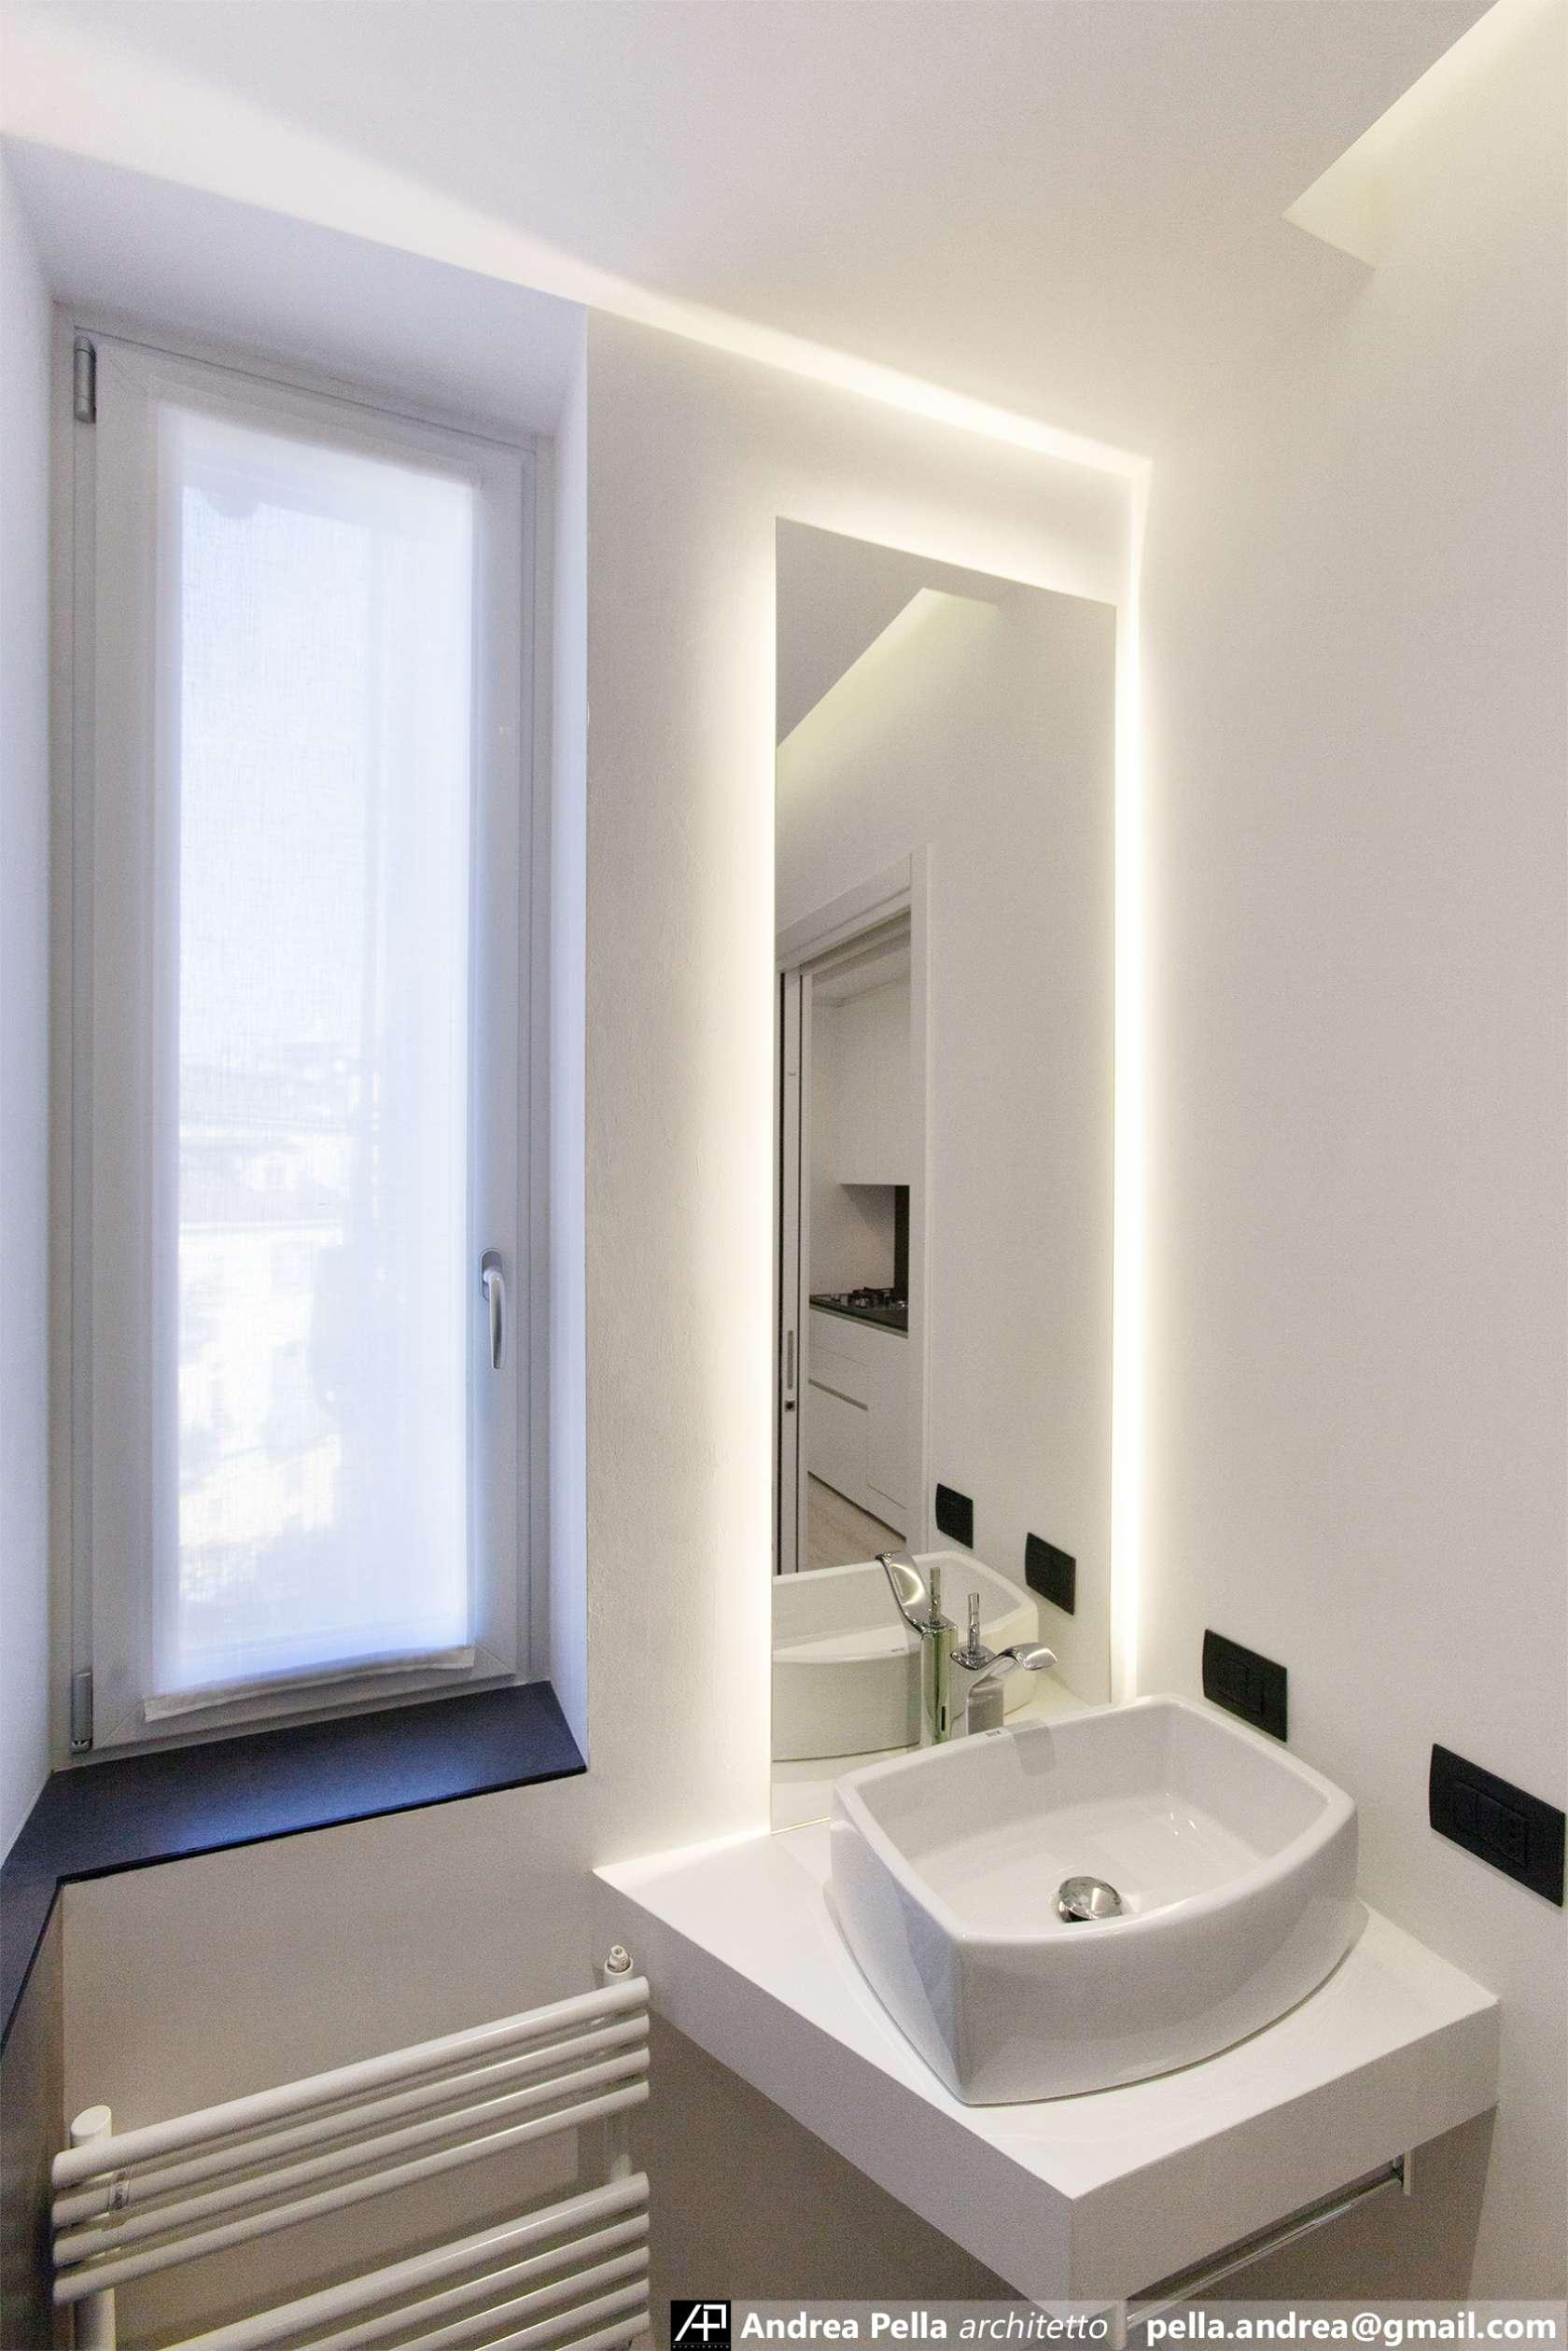 малък апартамент в минималистичен стил - 16